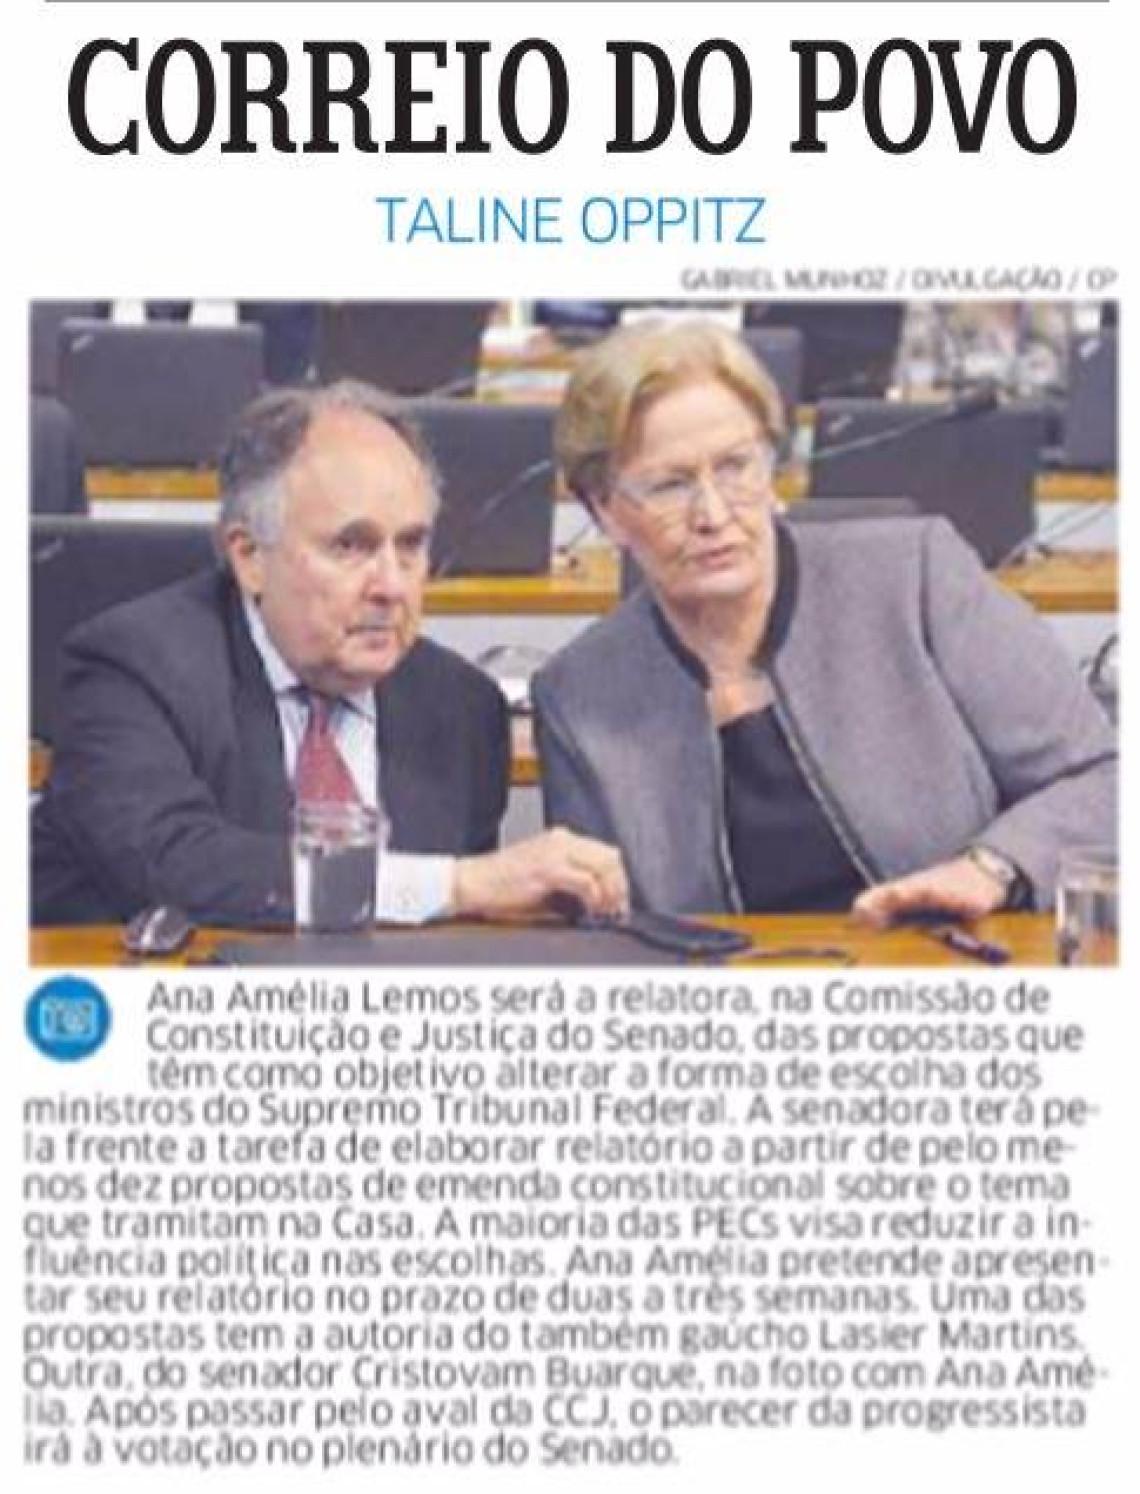 Correio do Povo: Taline Oppitz - Senadora Ana Amélia será a relatora da proposta que alteram a forma de escolha dos ministros do STF